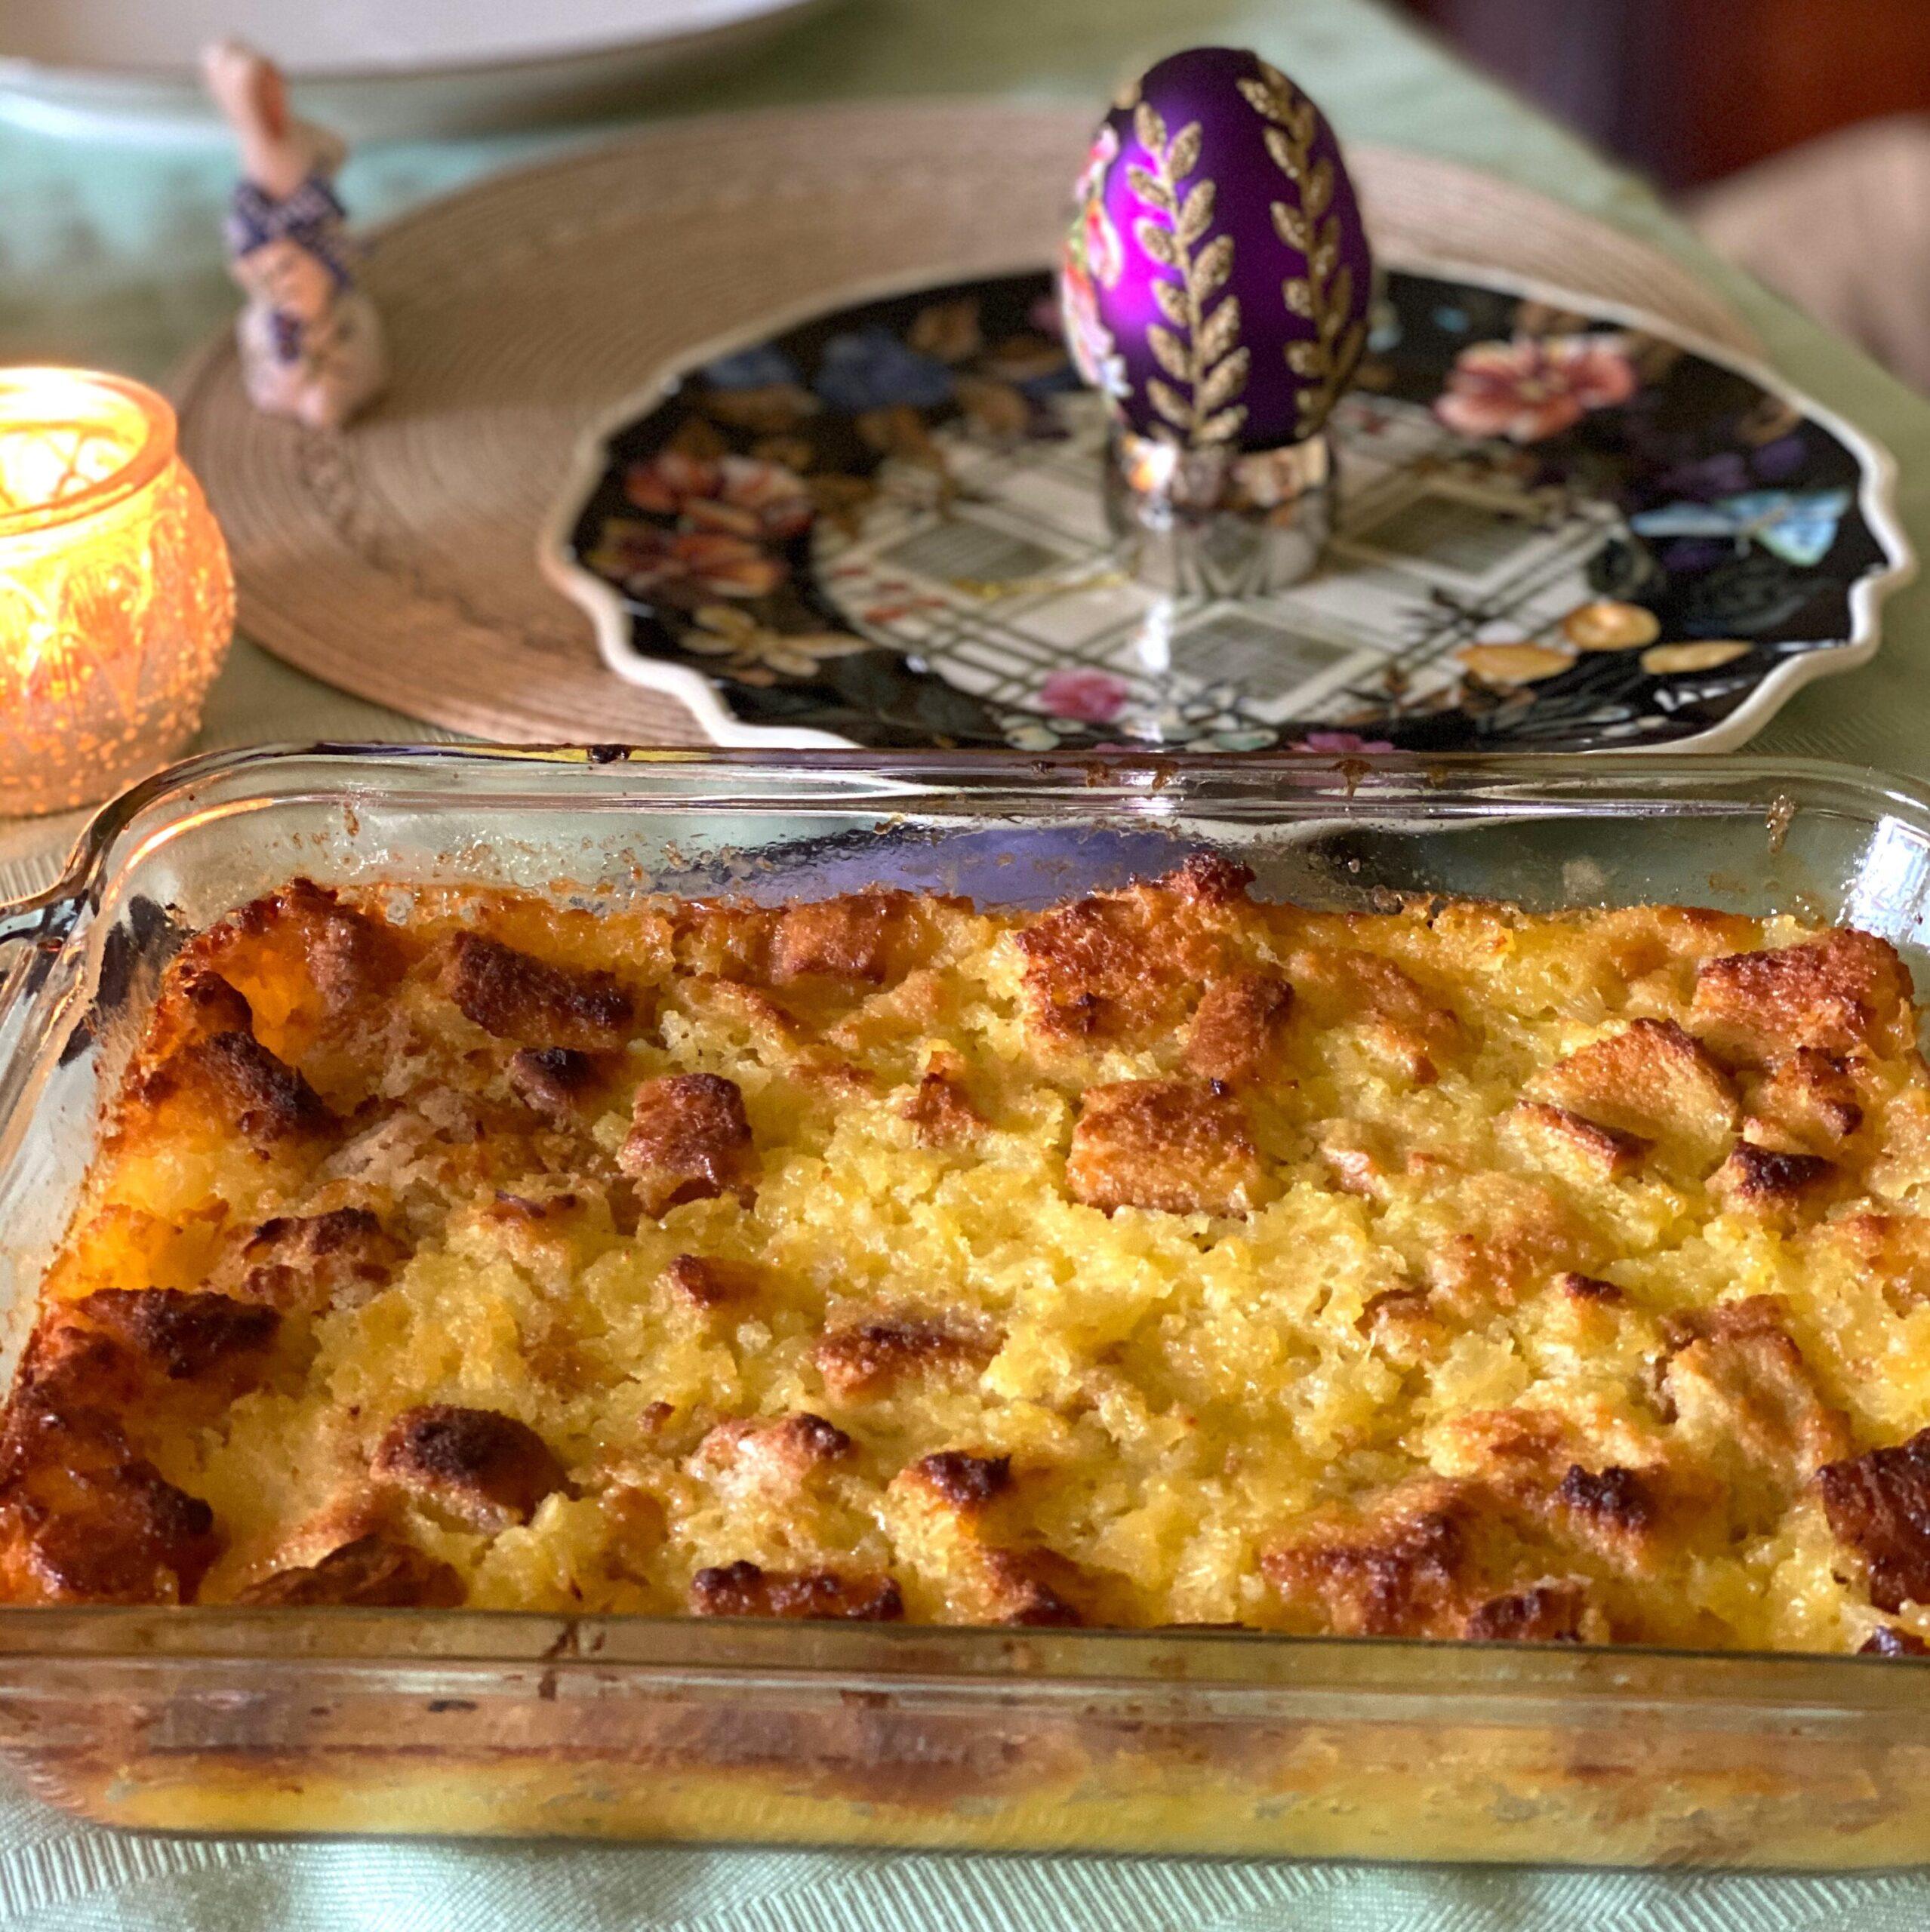 Pineapple bake dish